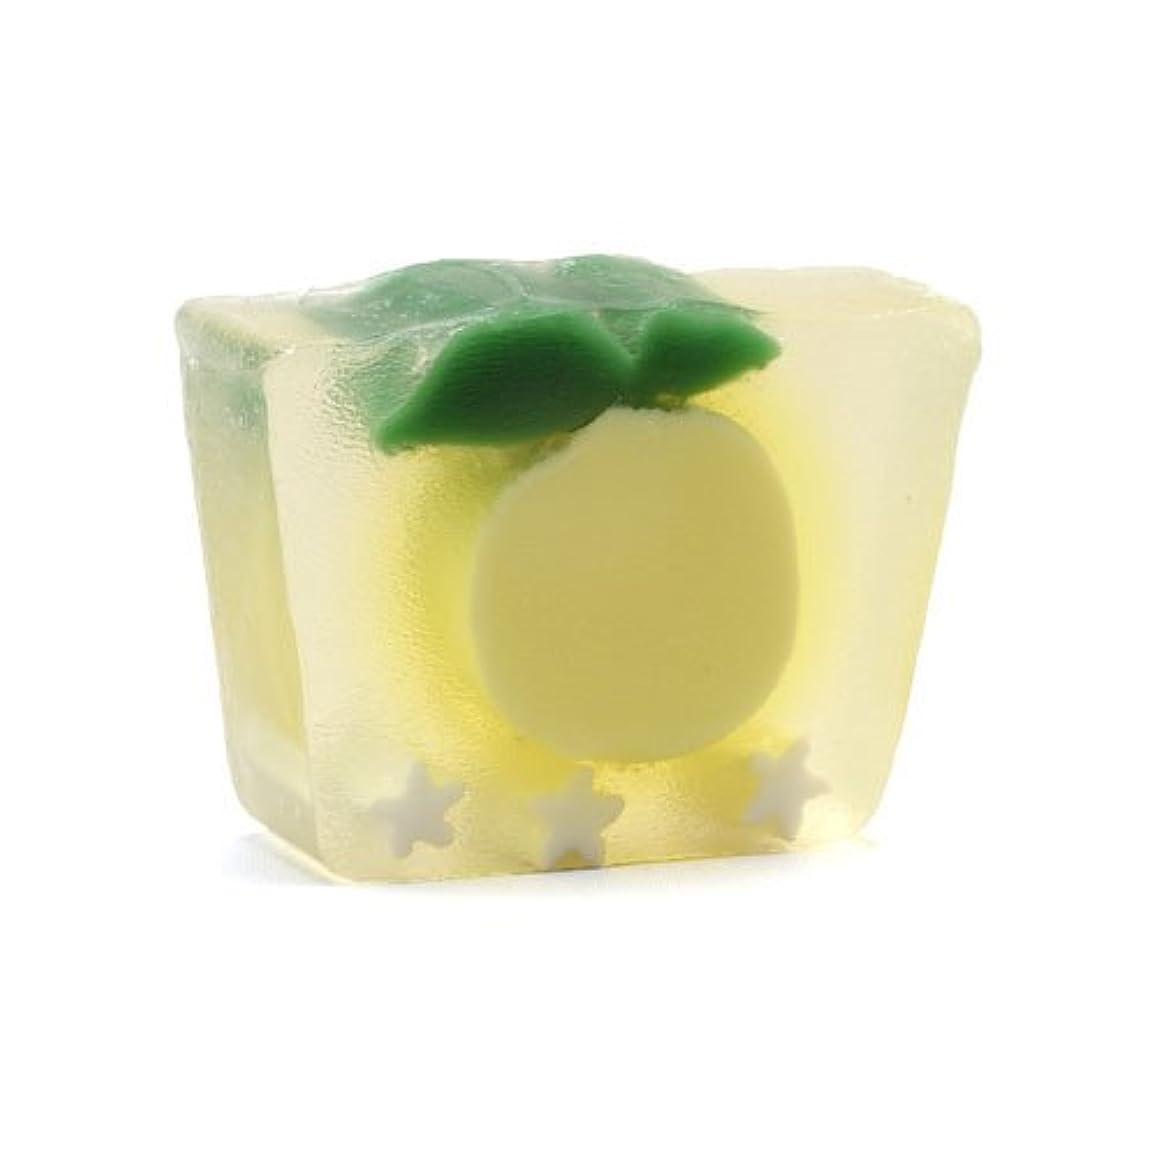 眉をひそめる連帯申込みプライモールエレメンツ アロマティック ミニソープ カリフォルニアレモン 80g 植物性 ナチュラル 石鹸 無添加